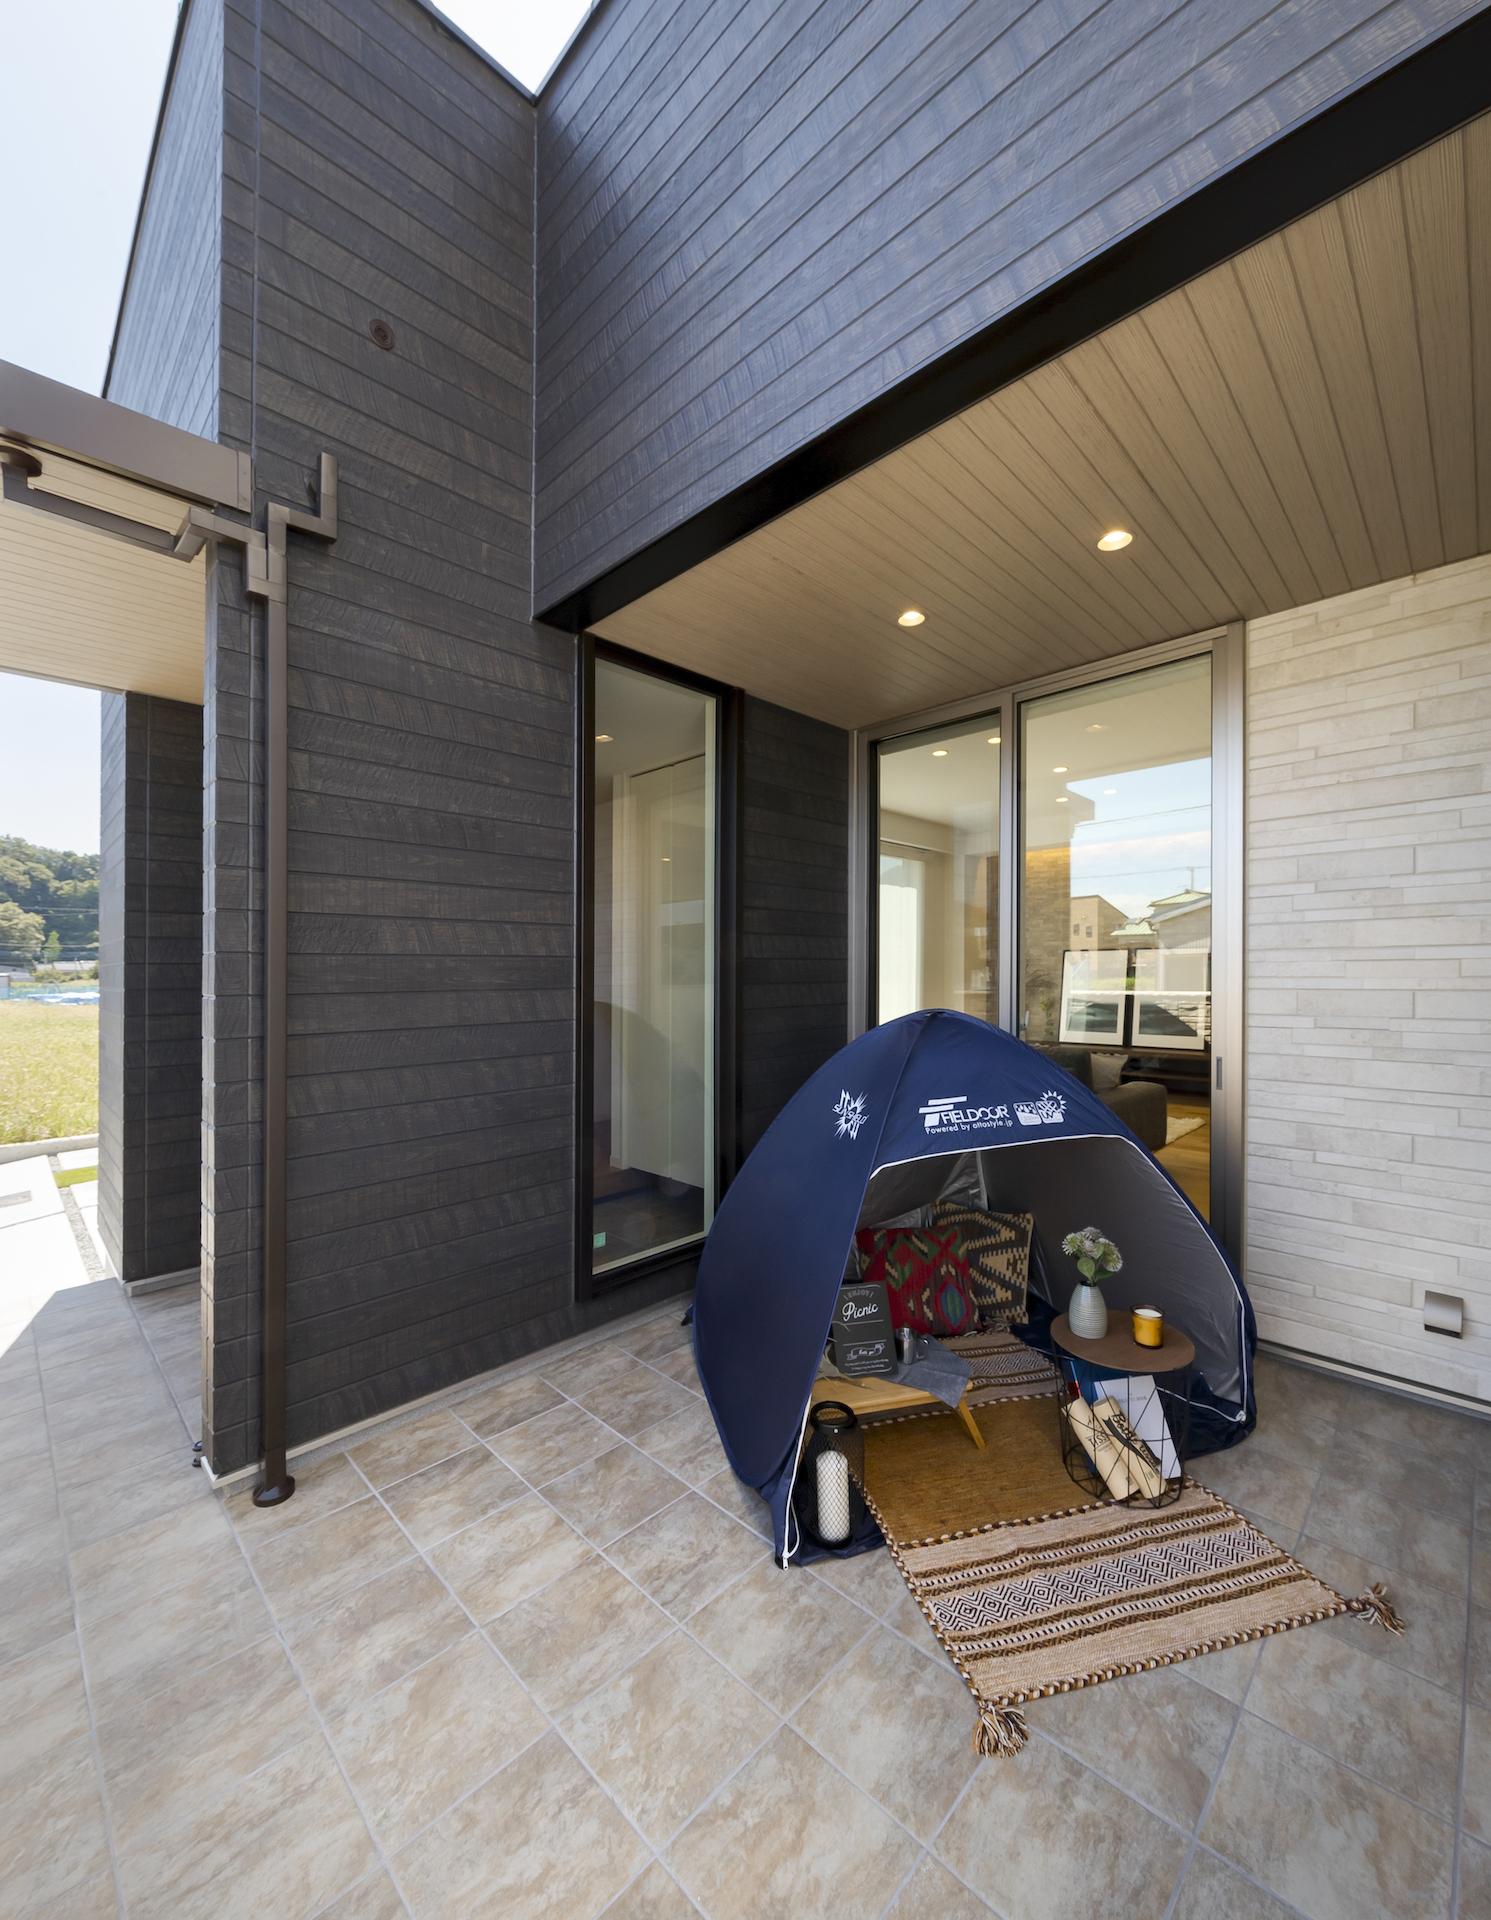 ミサワホーム静岡【デザイン住宅、収納力、インテリア】玄関、リビング、和室の3か所から出入りできる中庭テラスは、屋根があるので急な雨でも安心。洗濯物干しスペースとしてはもちろん、子供の遊び場所や大人のくつろぎスペースなど、活用用途はたくさん